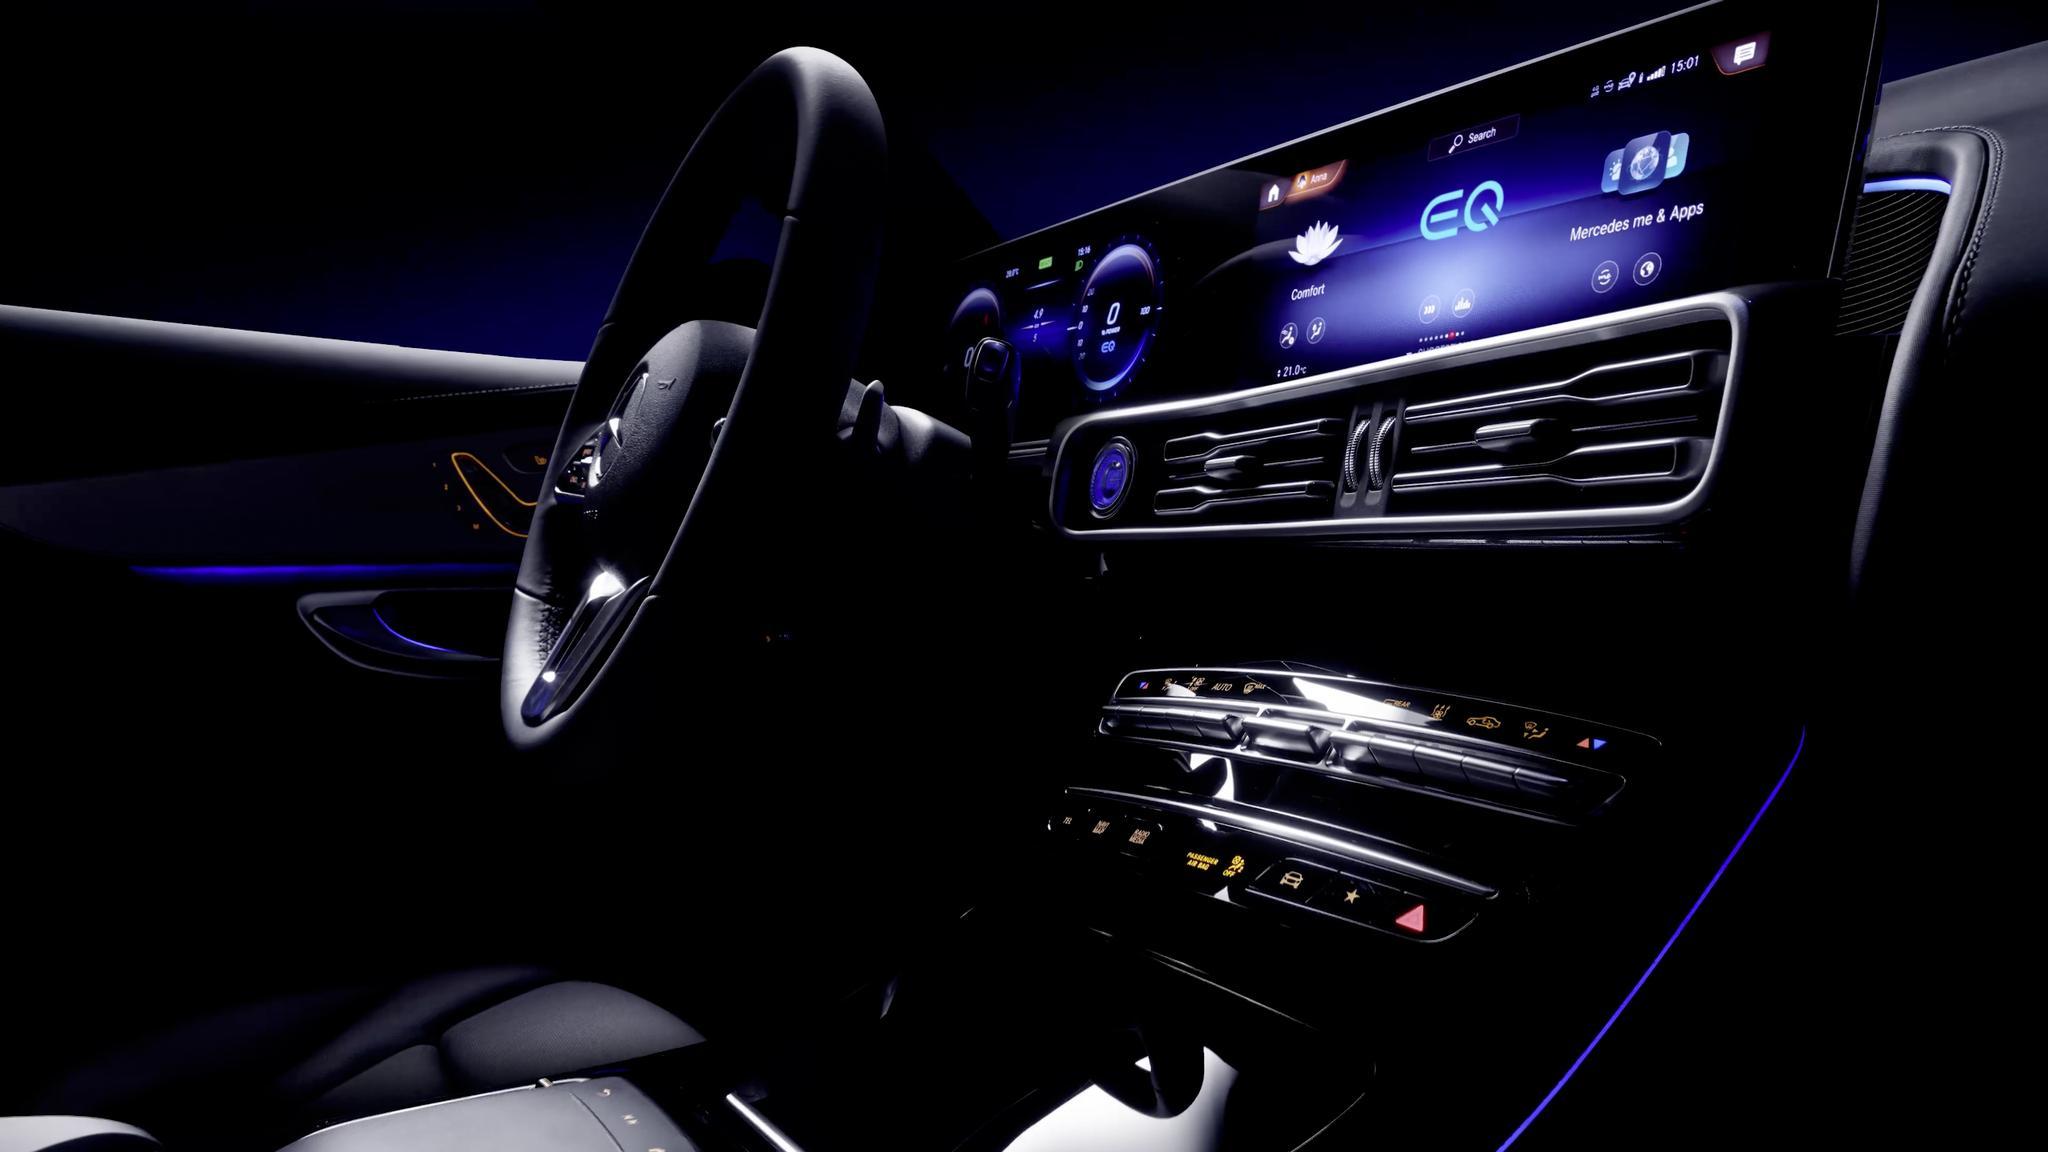 汽车发明者的首款电动车,奔驰EQC将于9月4日发布